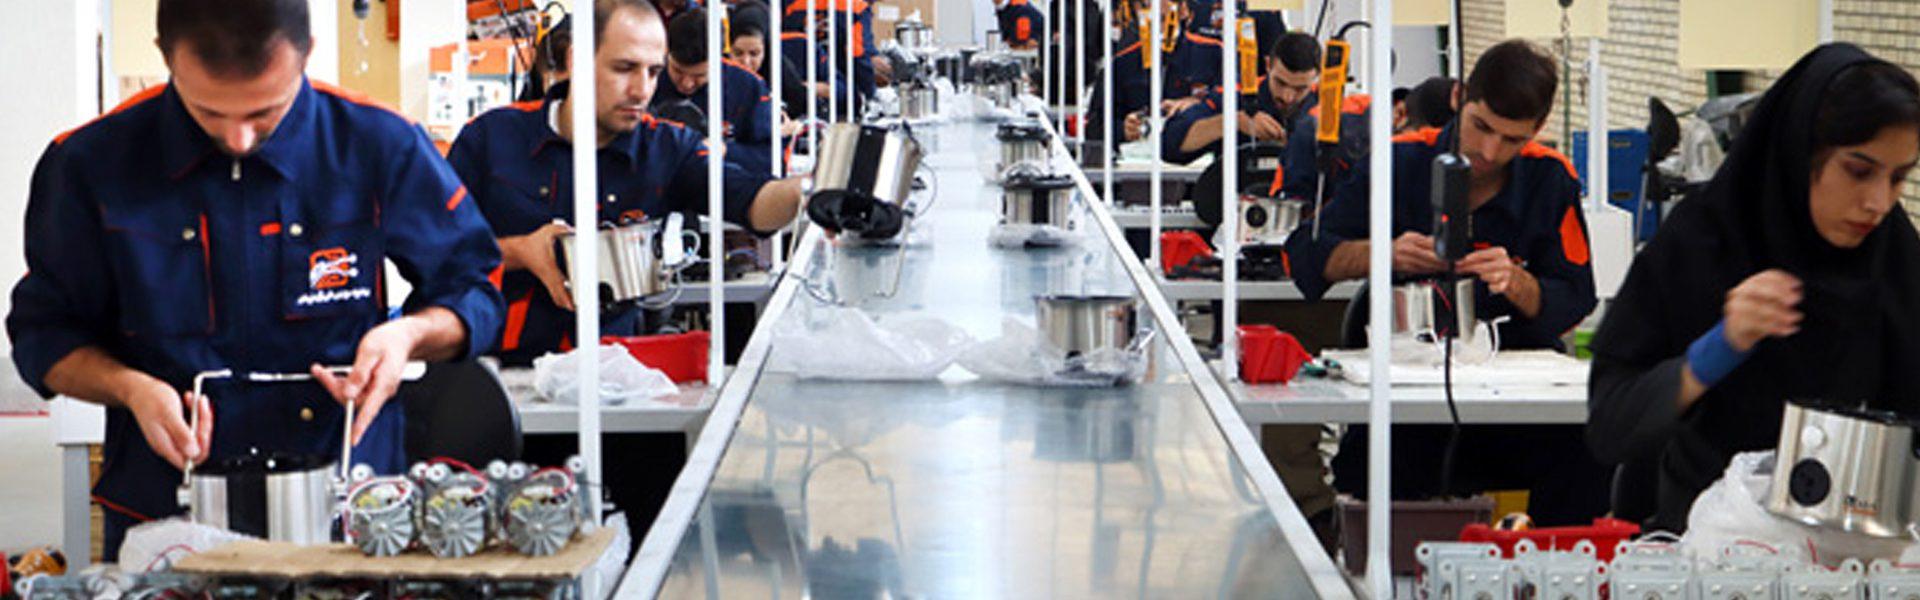 پرسنل خط تولید کارخانه شرکت پیشرو سورین فن آور فرتاک